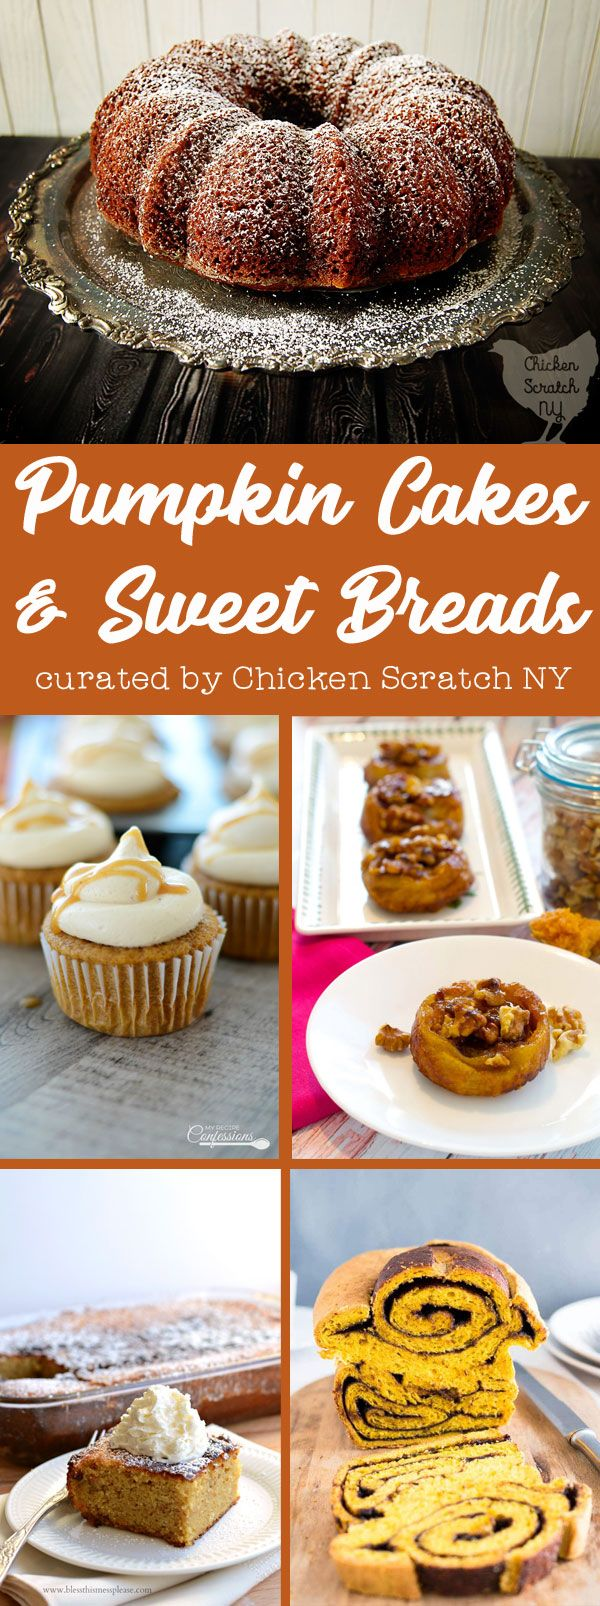 Recipes for 12 of the best Pumpkin Cakes & Breads the interent has to offer. #pumpkincake #pumpkinbread #pumpkin